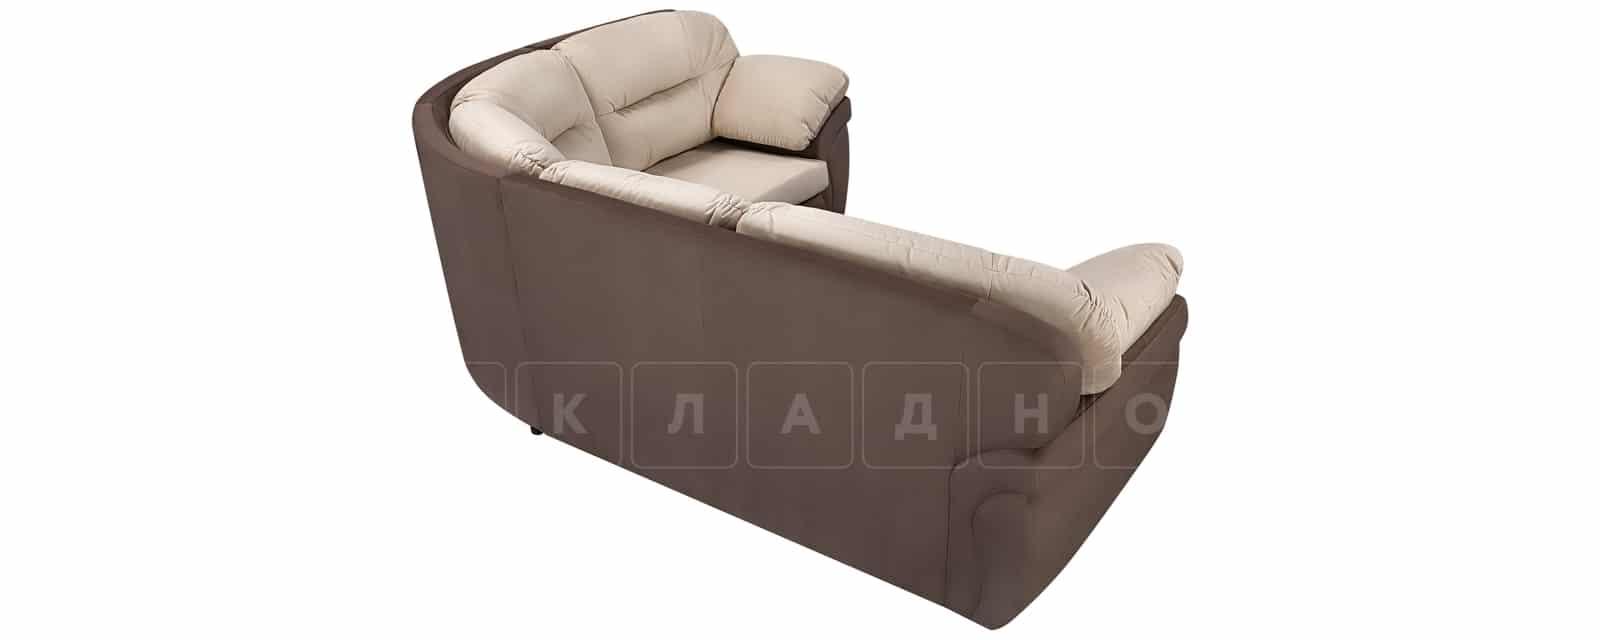 Диван угловой Бристоль велюр бежевый с коричневым правый угол фото 3 | интернет-магазин Складно